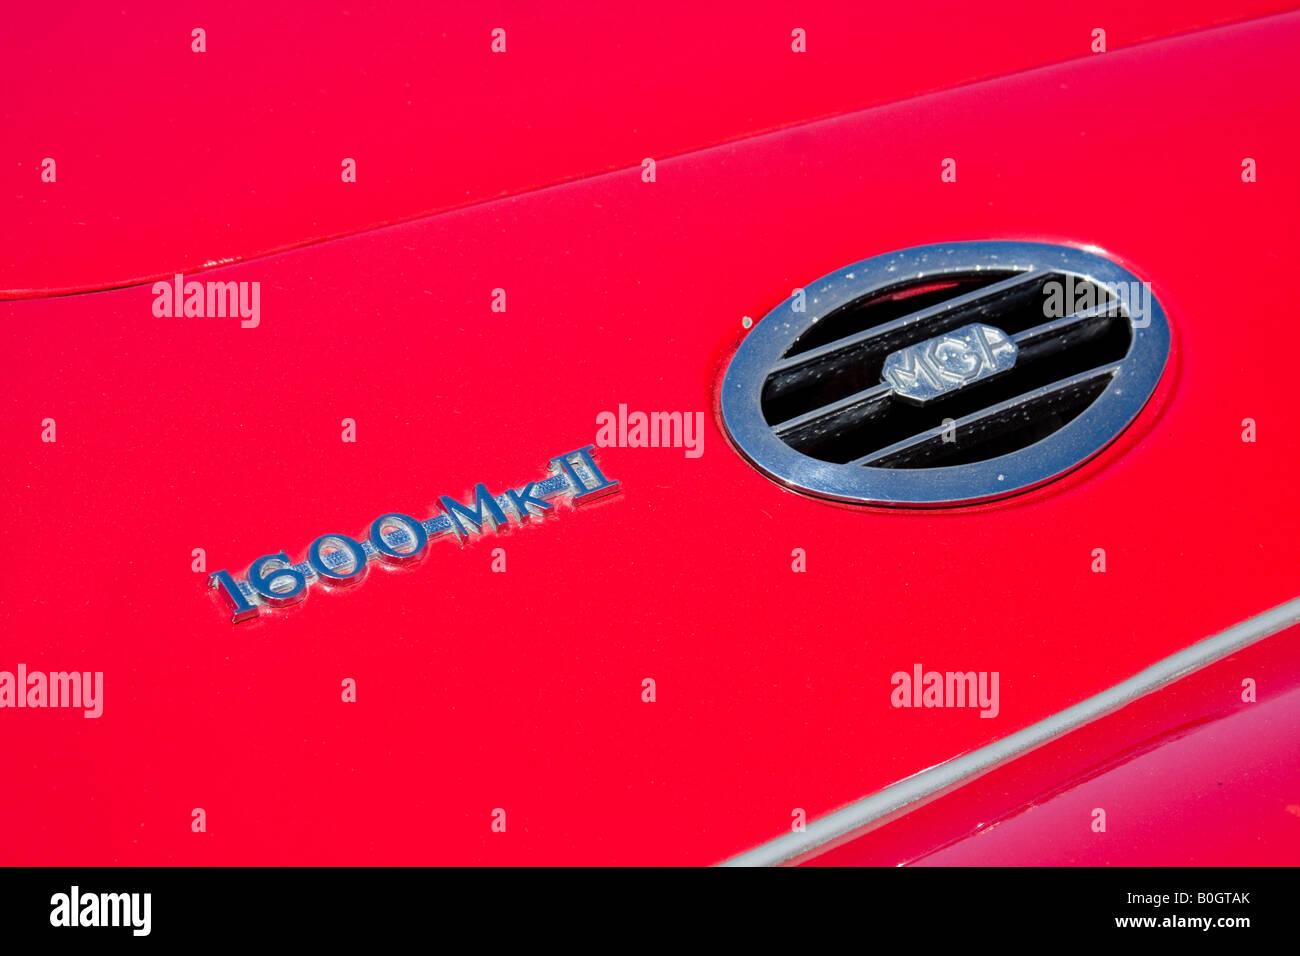 MGA 1600 Mk 3 III Logo - MG Car Company Limited wurde eine ehemalige britische Sportwagen-Hersteller Stockbild